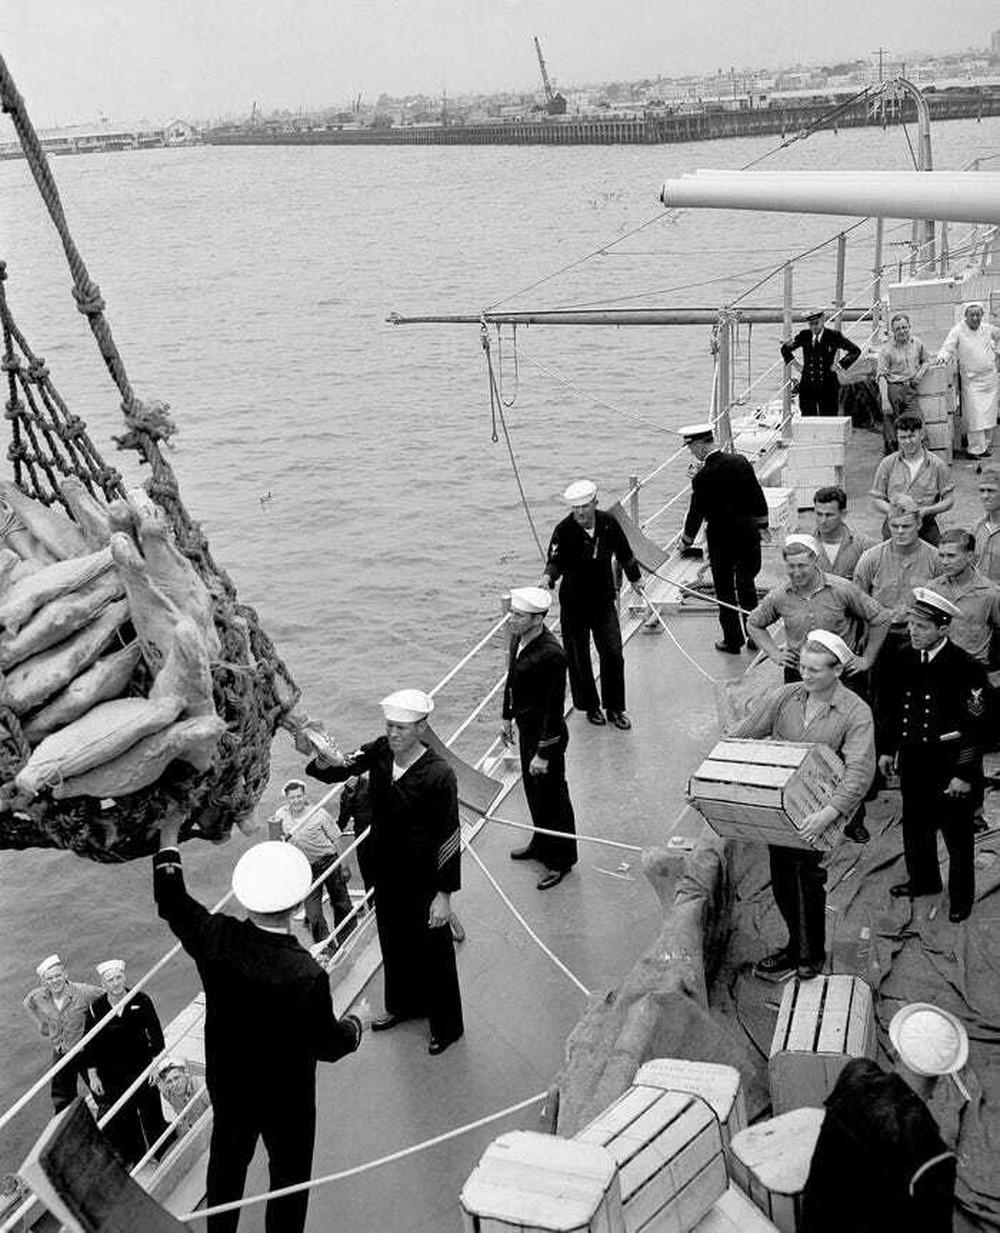 Thảm kịch chiến hạm Mỹ trúng ngư lôi Nhật Bản: Thủy thủ sống những ngày như địa ngục - Ảnh 1.